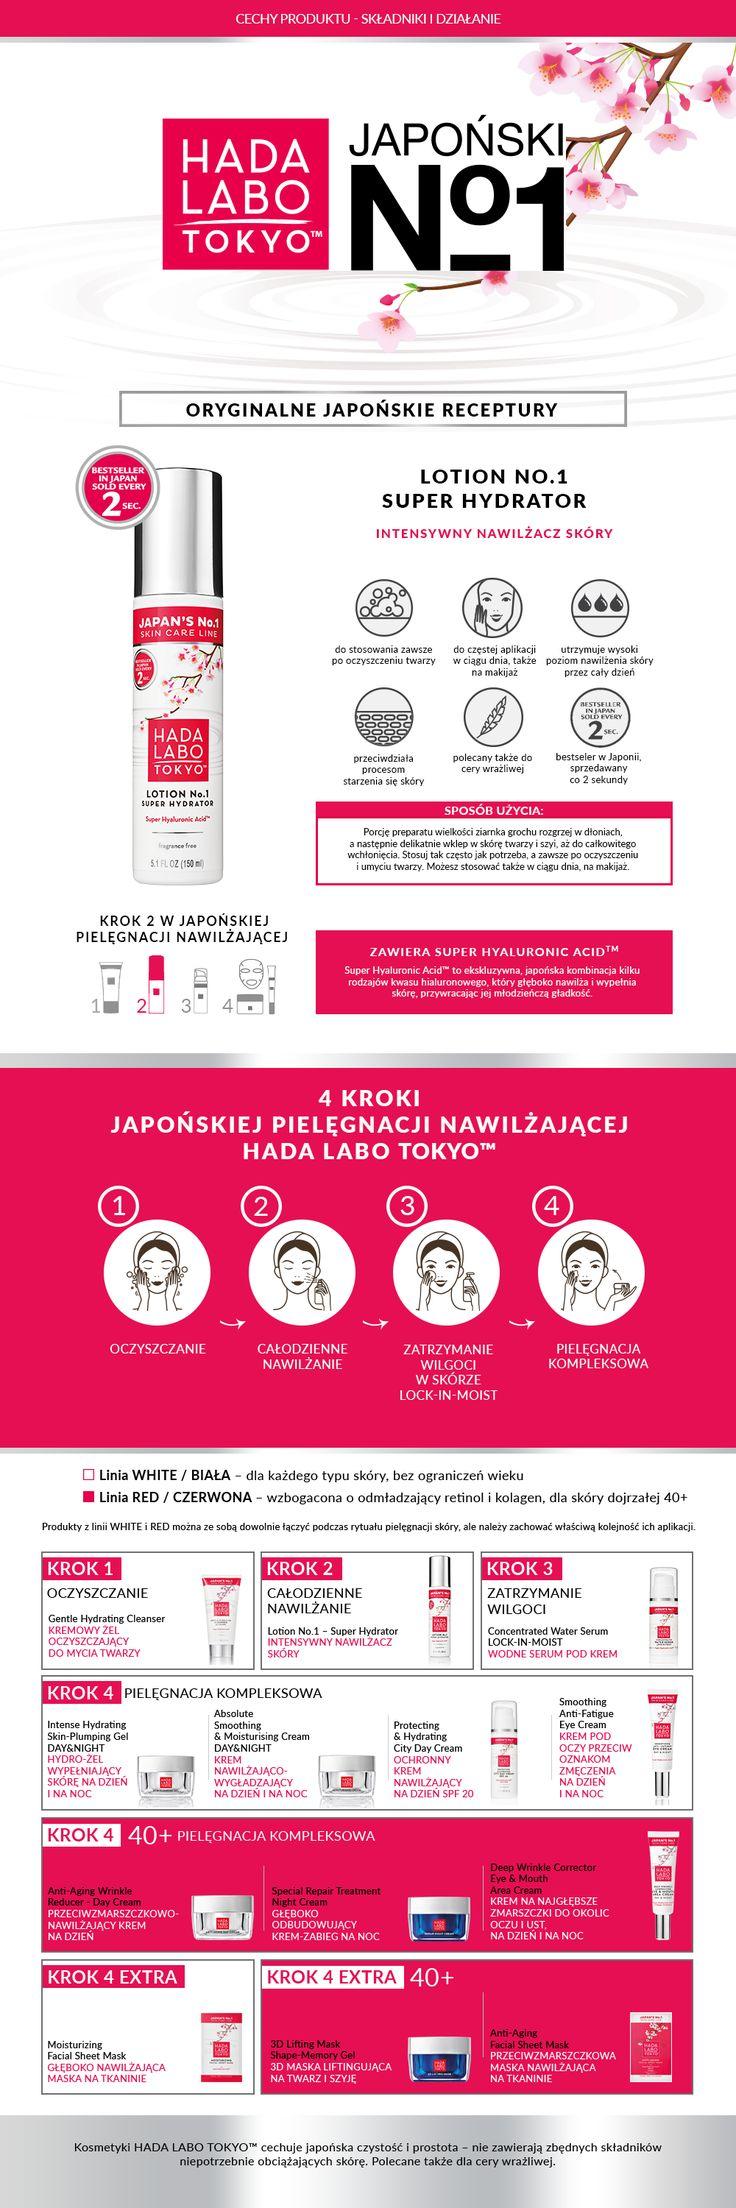 SUPER NAWILŻACZ SKÓRY TO BESTSELLER W JAPONII – SPRZEDAWANY CO 2 SEKUNDY! Japoński, silnie nawilżający lotion z formułą LOCK-in-MOIST do częstego stosowania. Zawiera Super Hyaluronic Acid™. Gwarantuje utrzymanie optymalnego poziomu wilgoci w skórze i przeciwdziała procesom starzenia. Produkt polecany także dla cery wrażliwej. Rohto Pharmaceuticals Group Osaka, Japan,  Importer: Dax Cosmetics Sp. z o.o., Duchnów, ul. Spacerowa 18, 05-462 Wiązowna Aqua, Butylene Glycol, Pentylene Glycol…